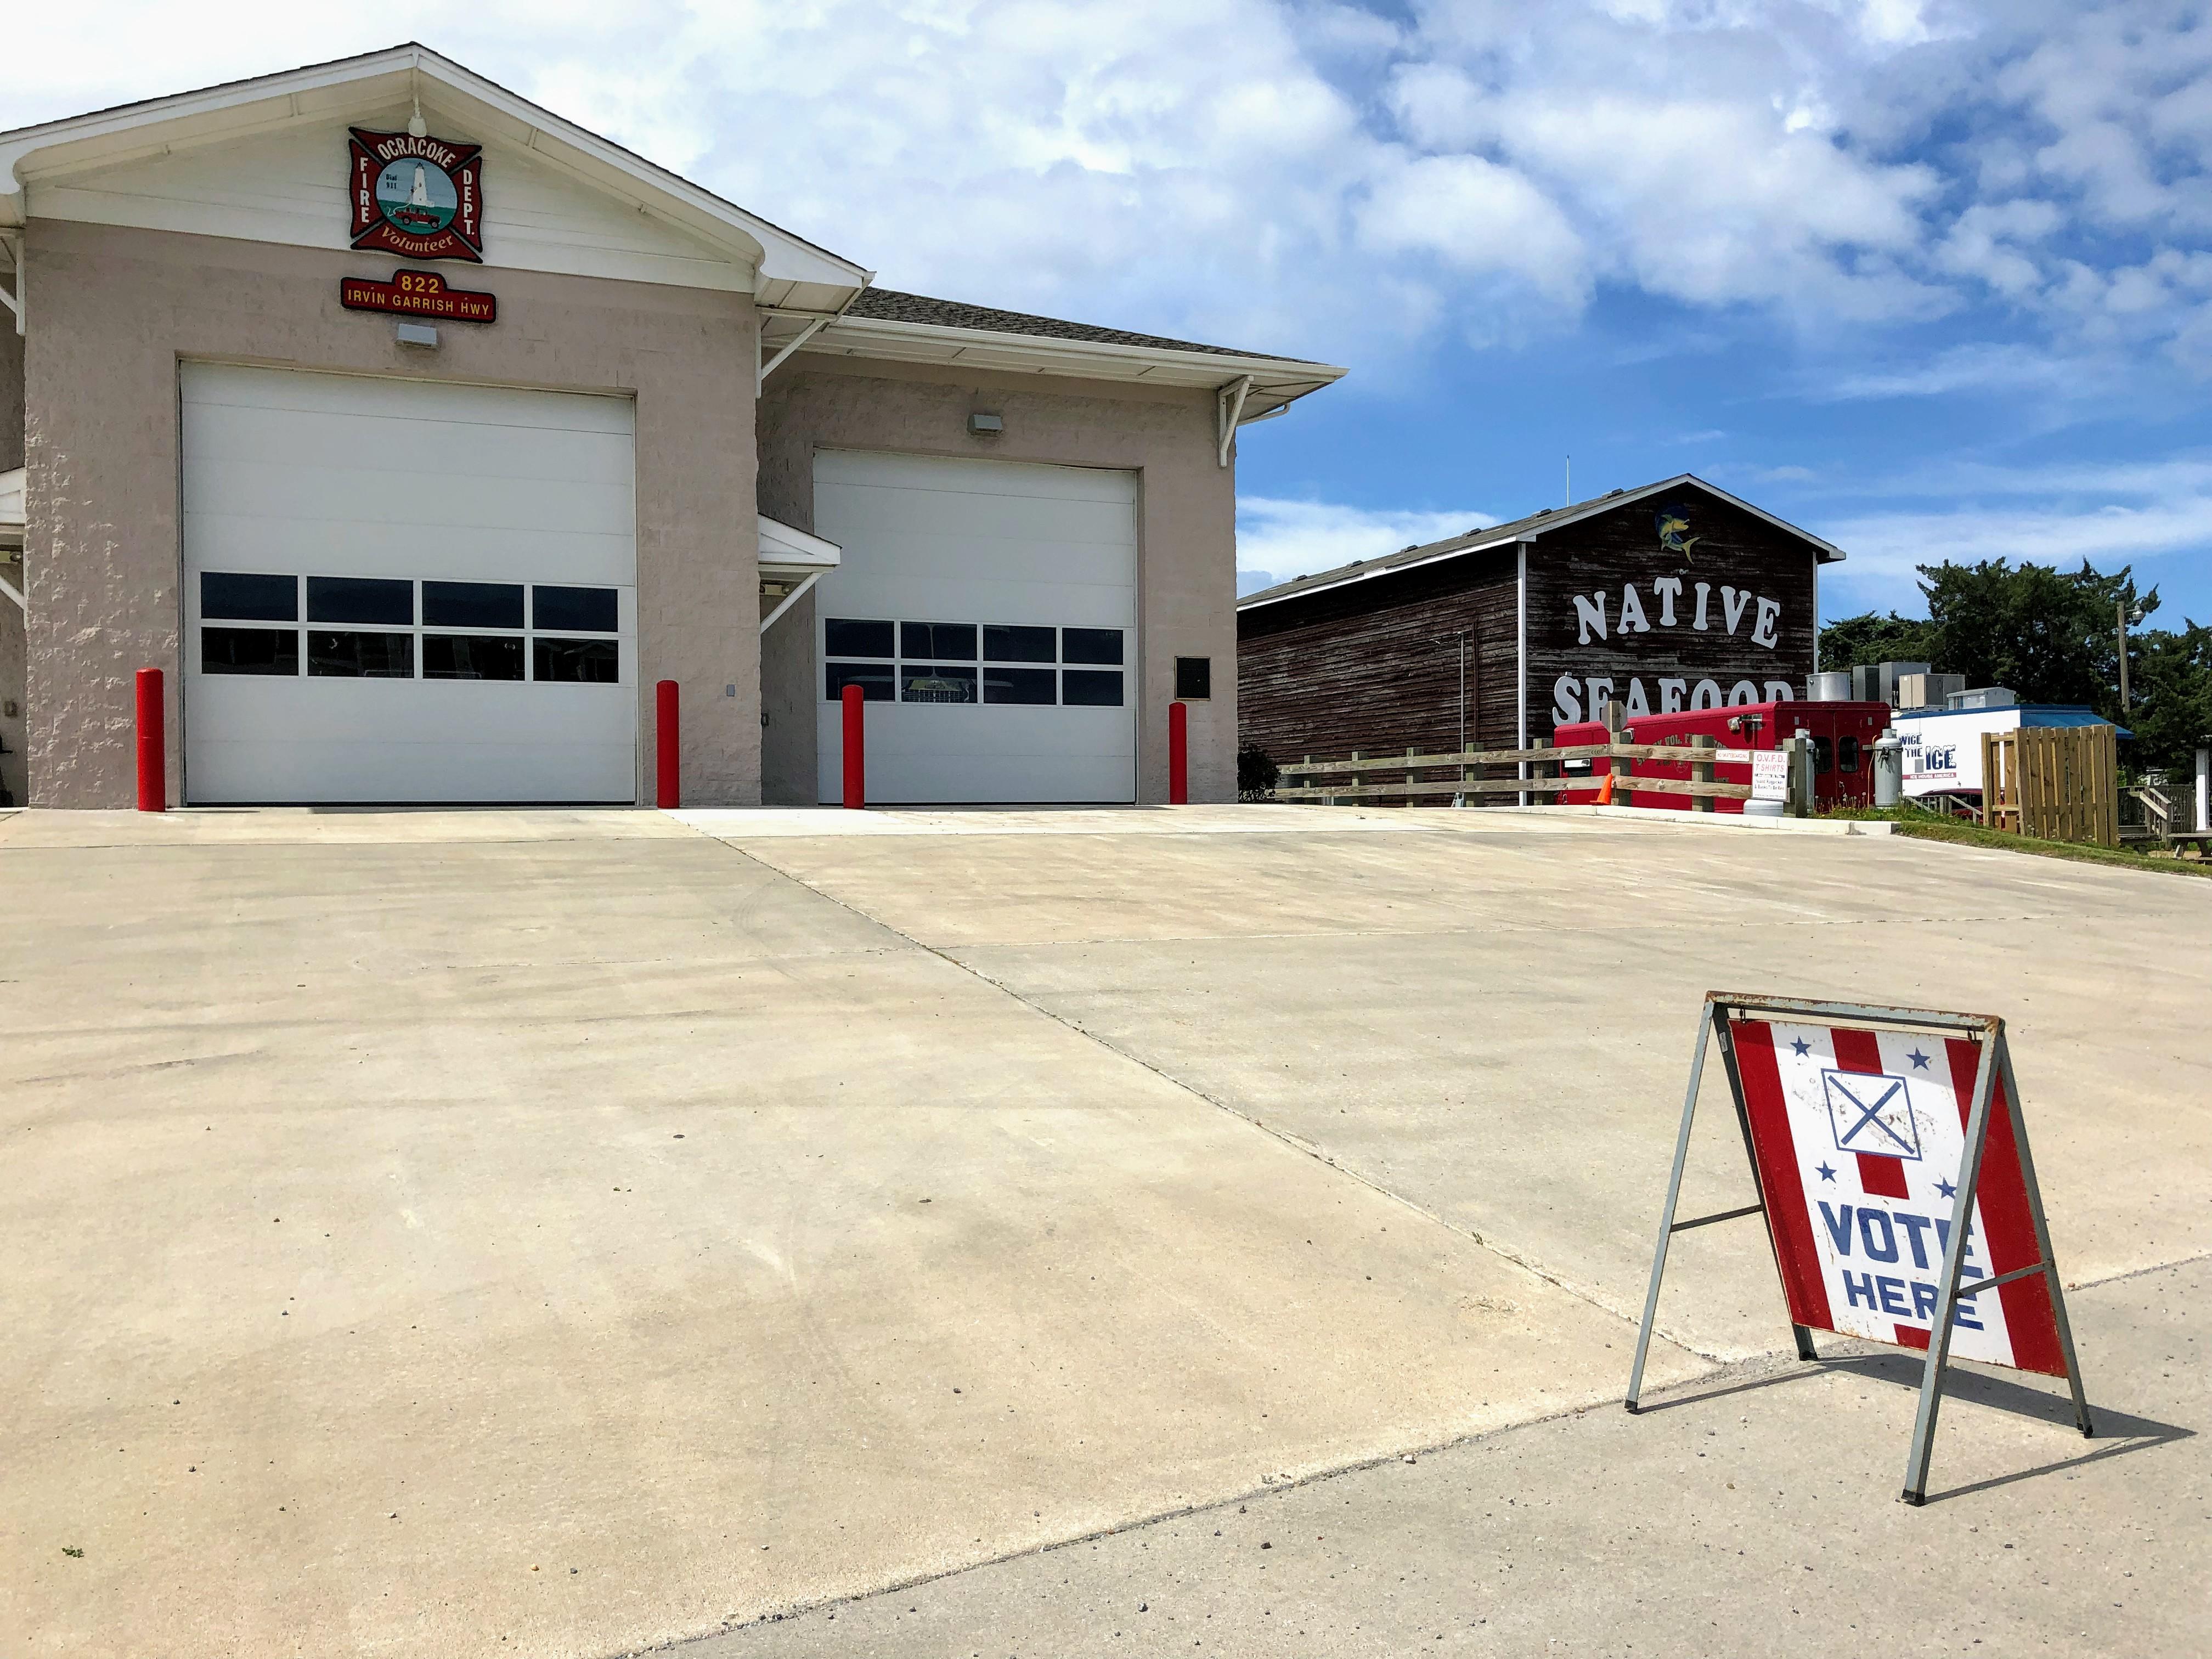 DMV mobile unit to visit Ocracoke on Friday - Ocracoke Observer